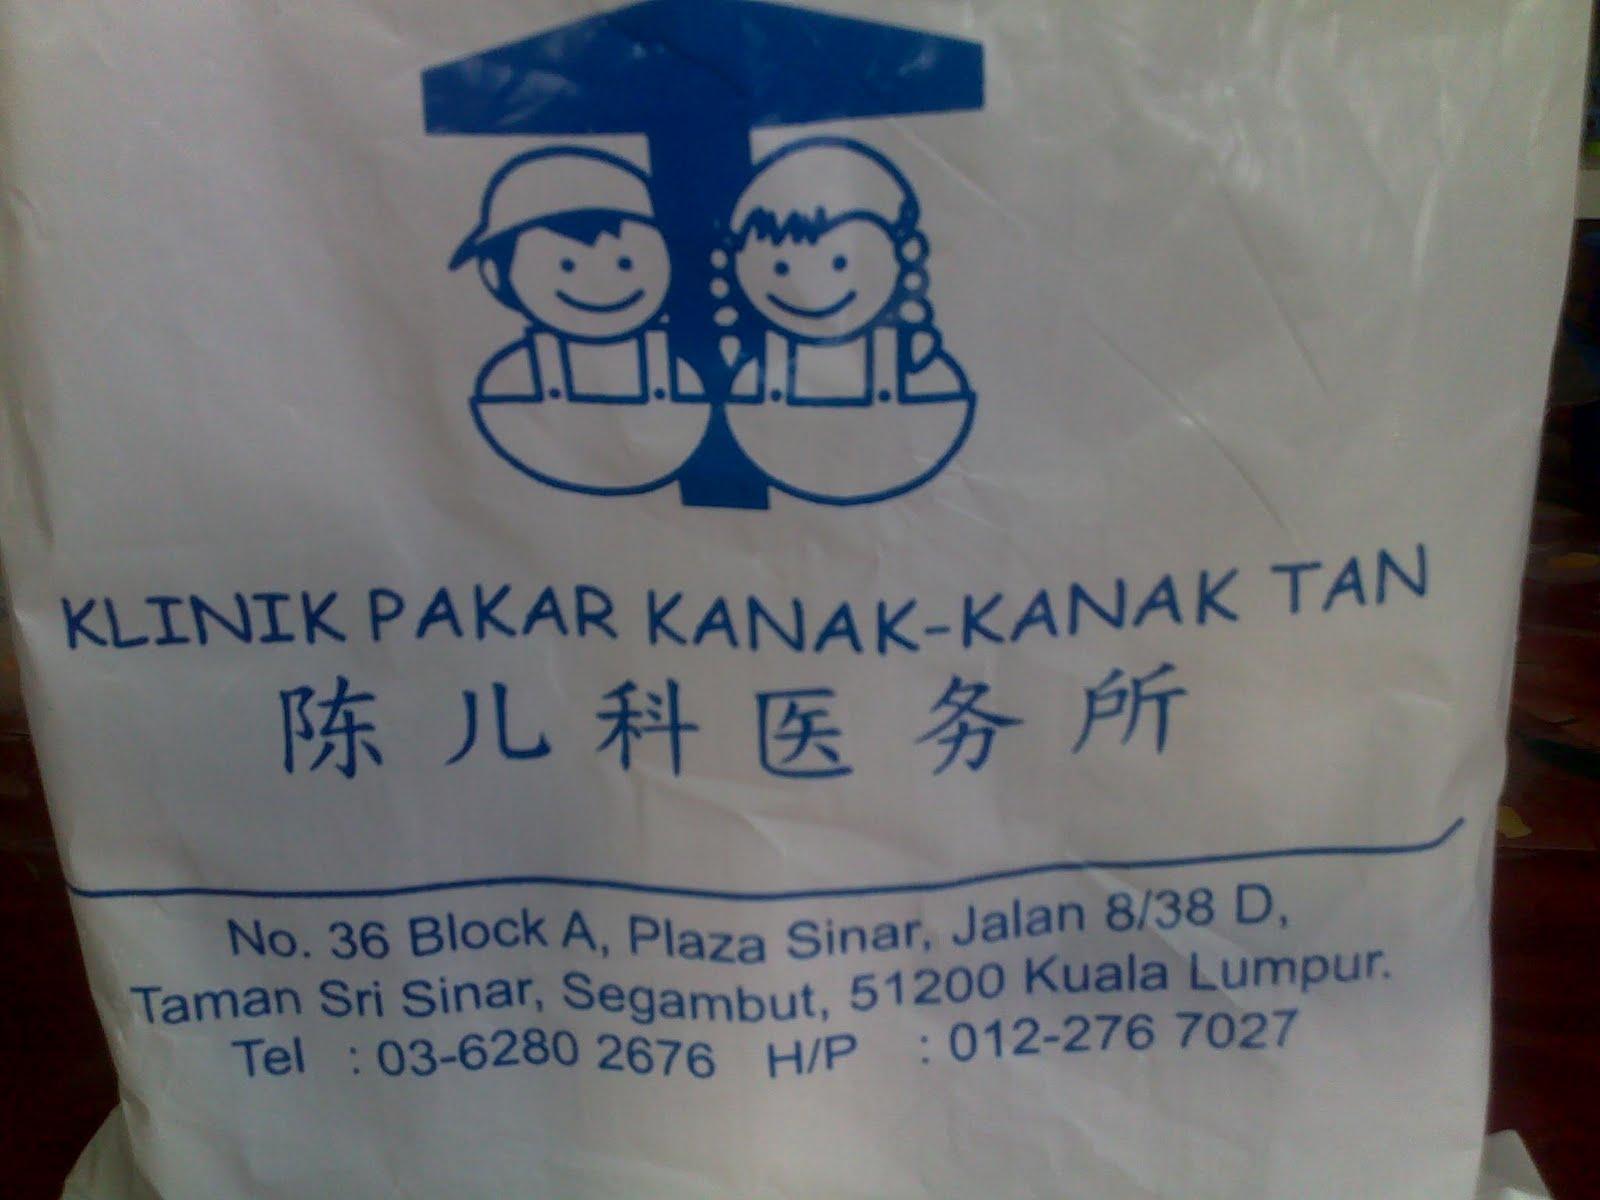 Wan S Family Klinik Pakar Kanak Kanak Tan